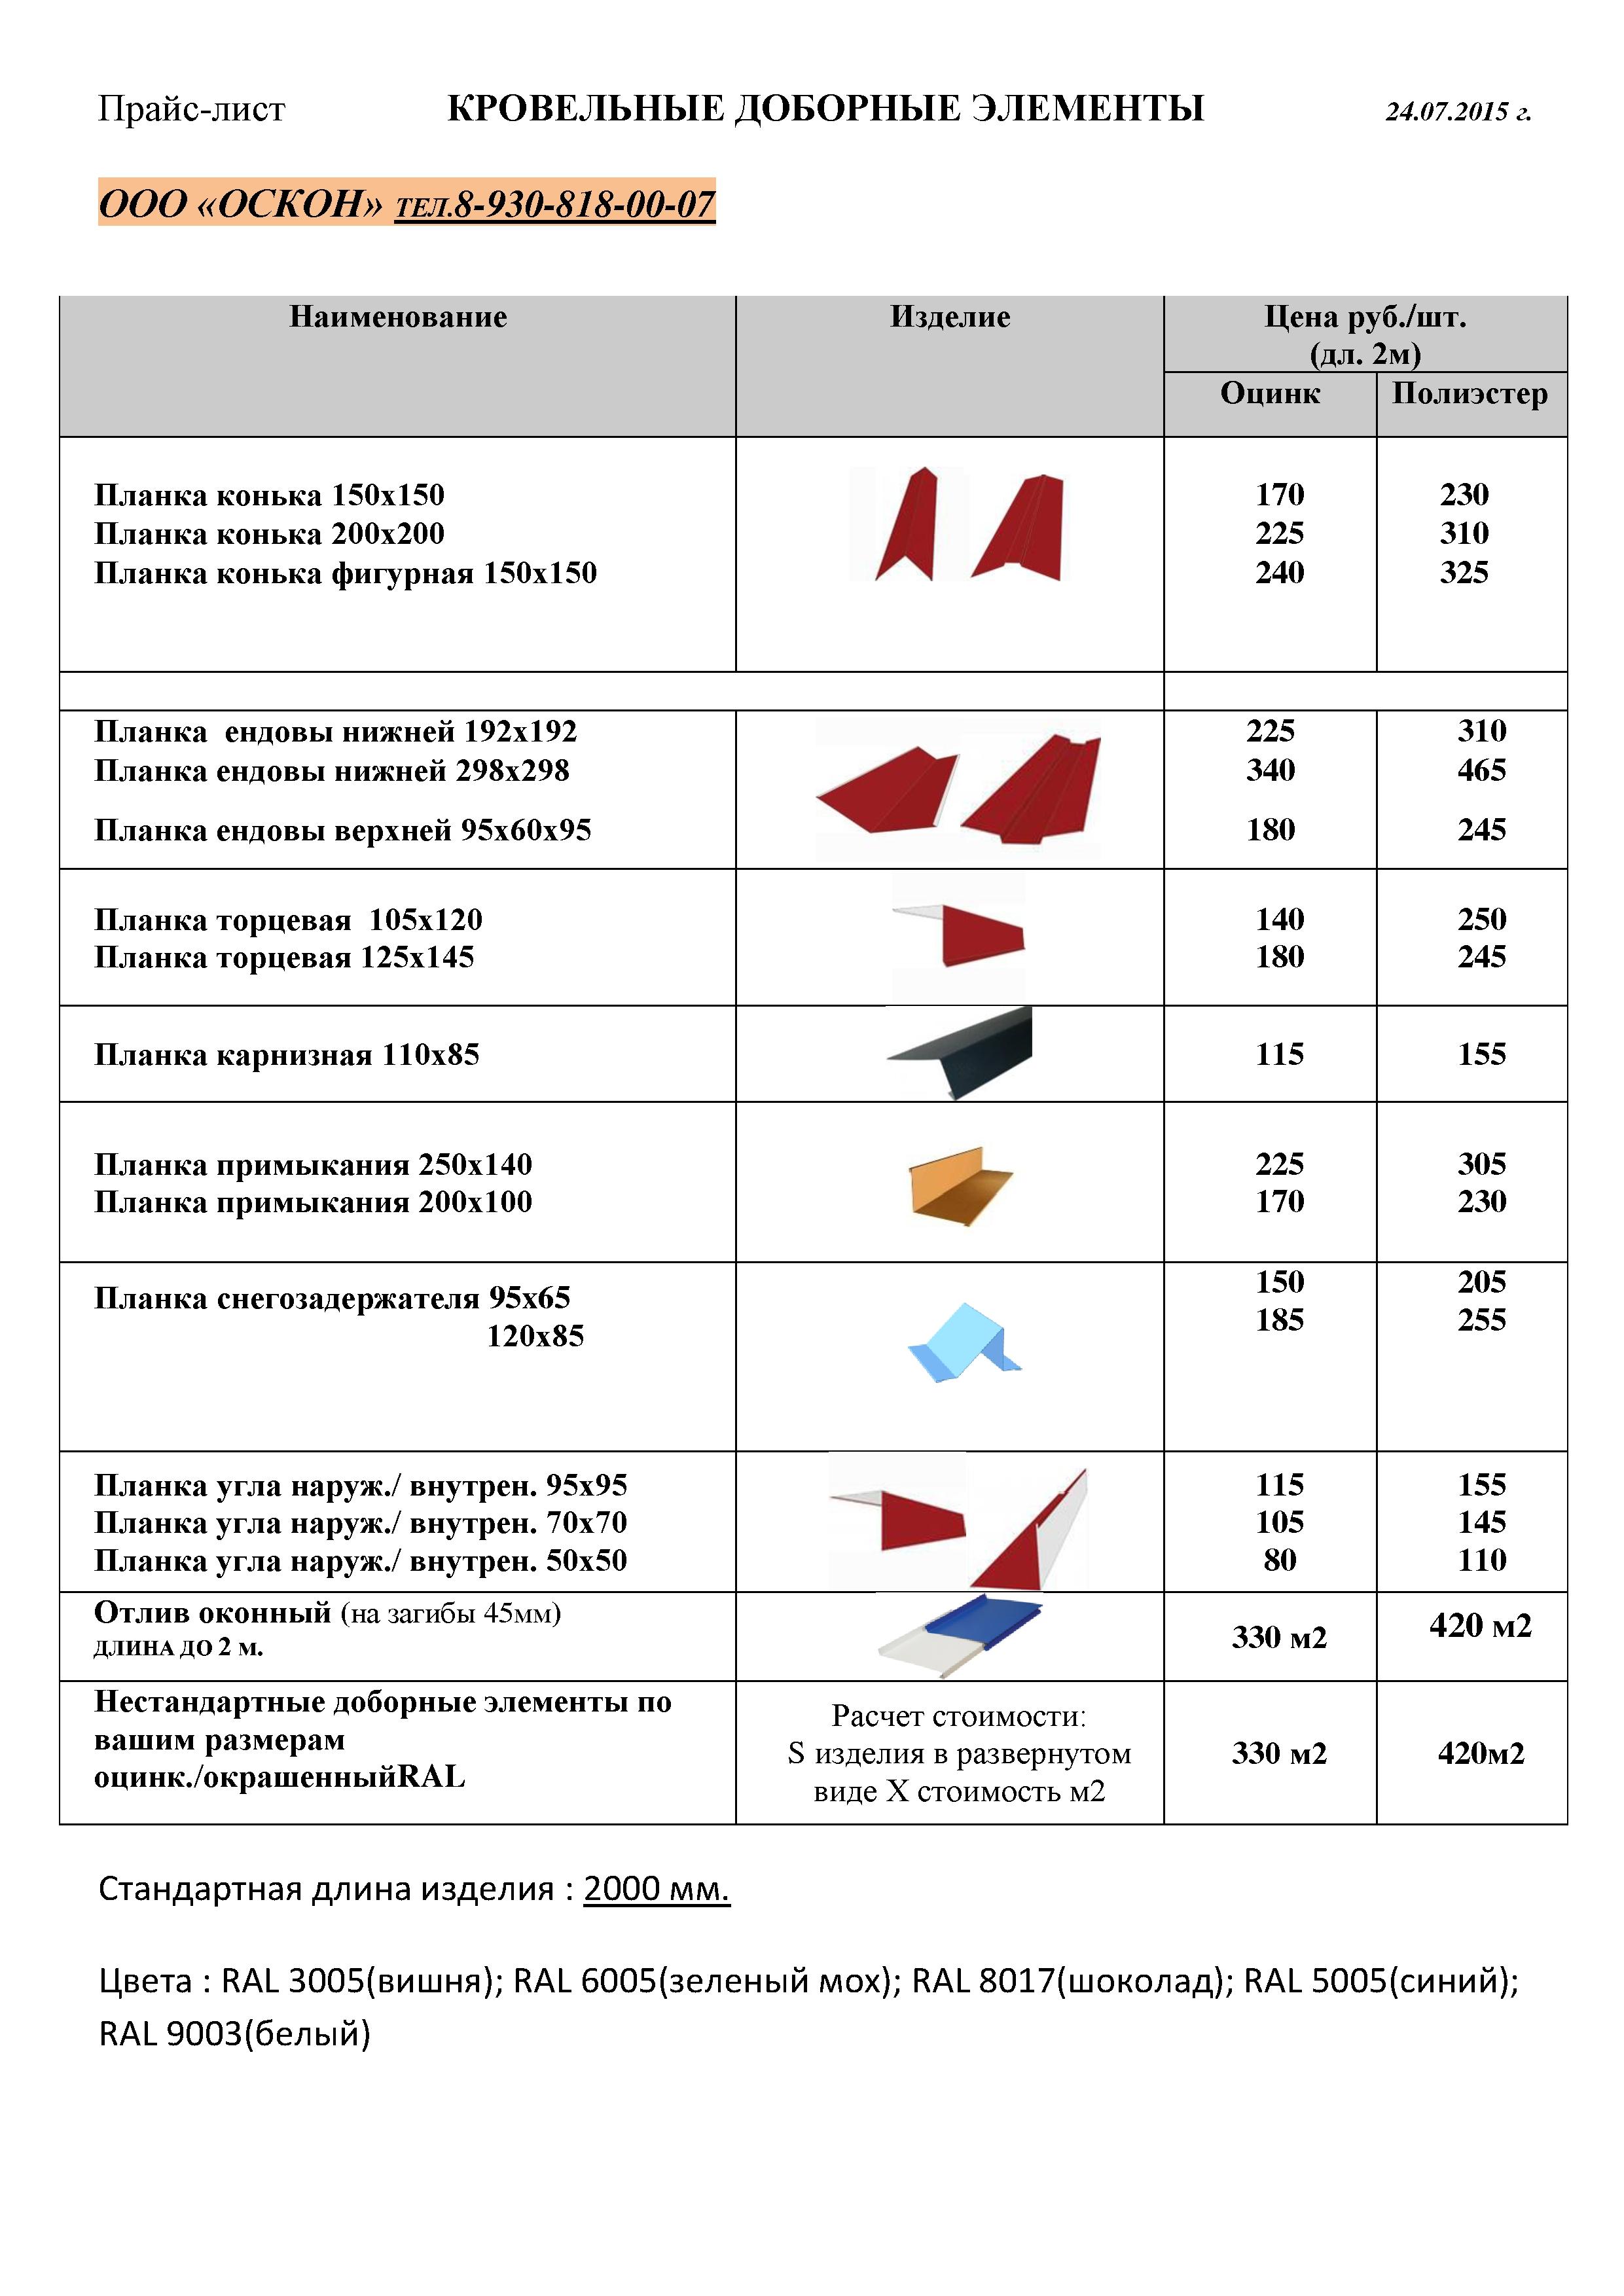 Доборные элементы из листового металла